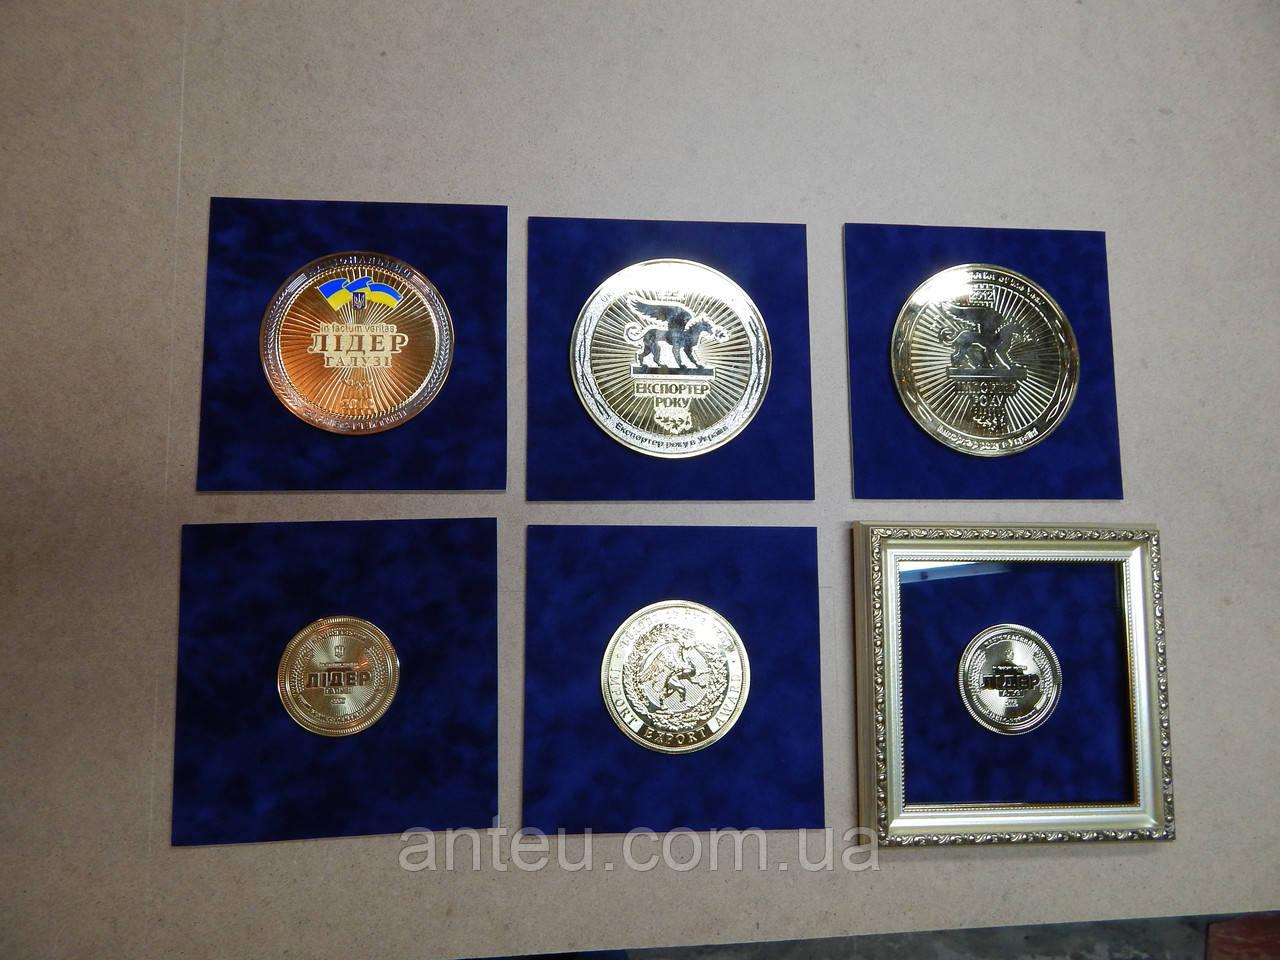 Оформление медали в рамку heritage auctions